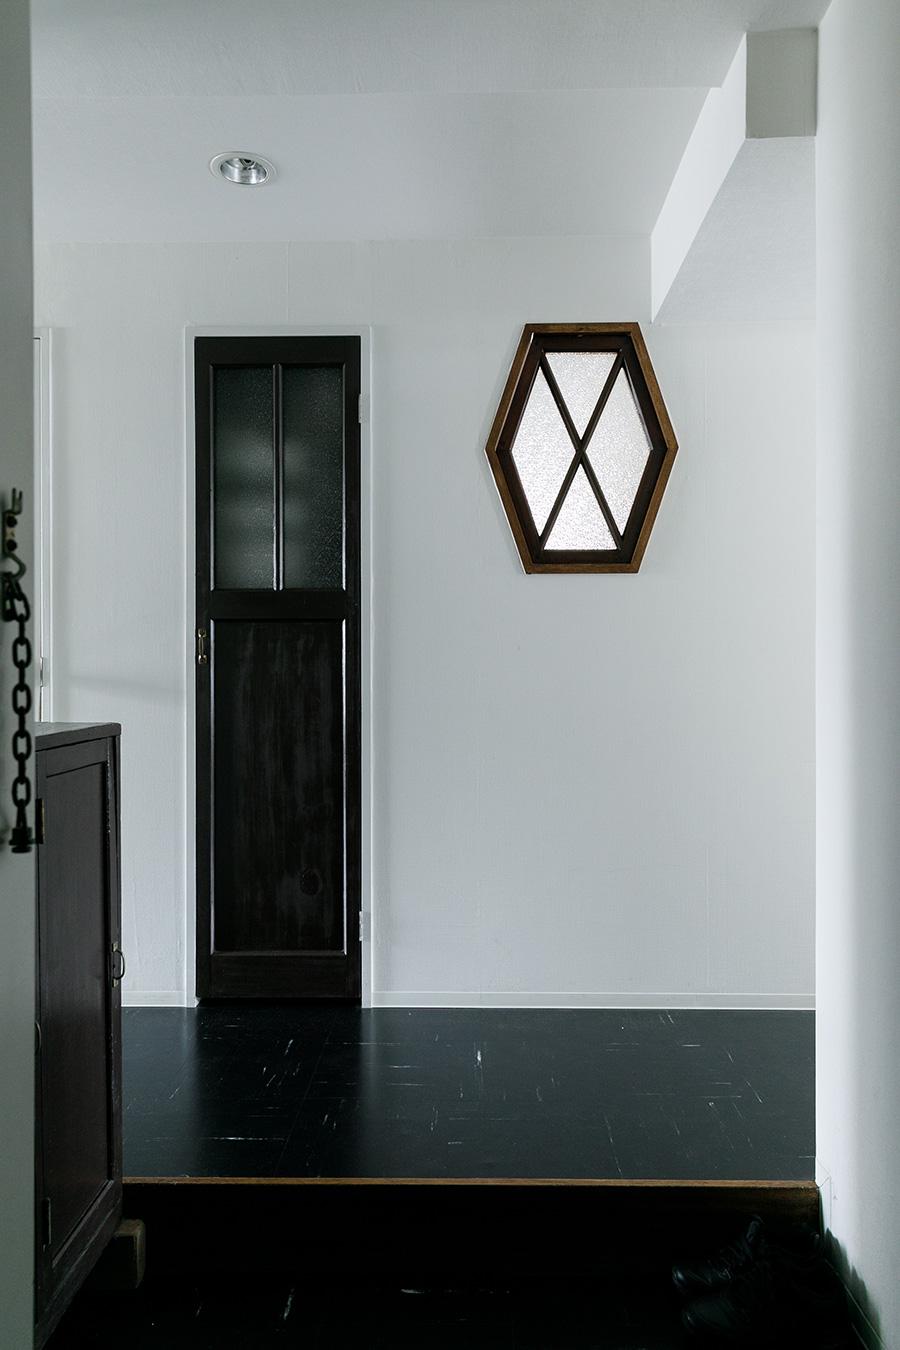 キッチンの六角窓を廊下側から見たところ。玄関を入ると、まず六角窓が目に飛び込んで来る。左側の細長い戸の奥は収納スペース。